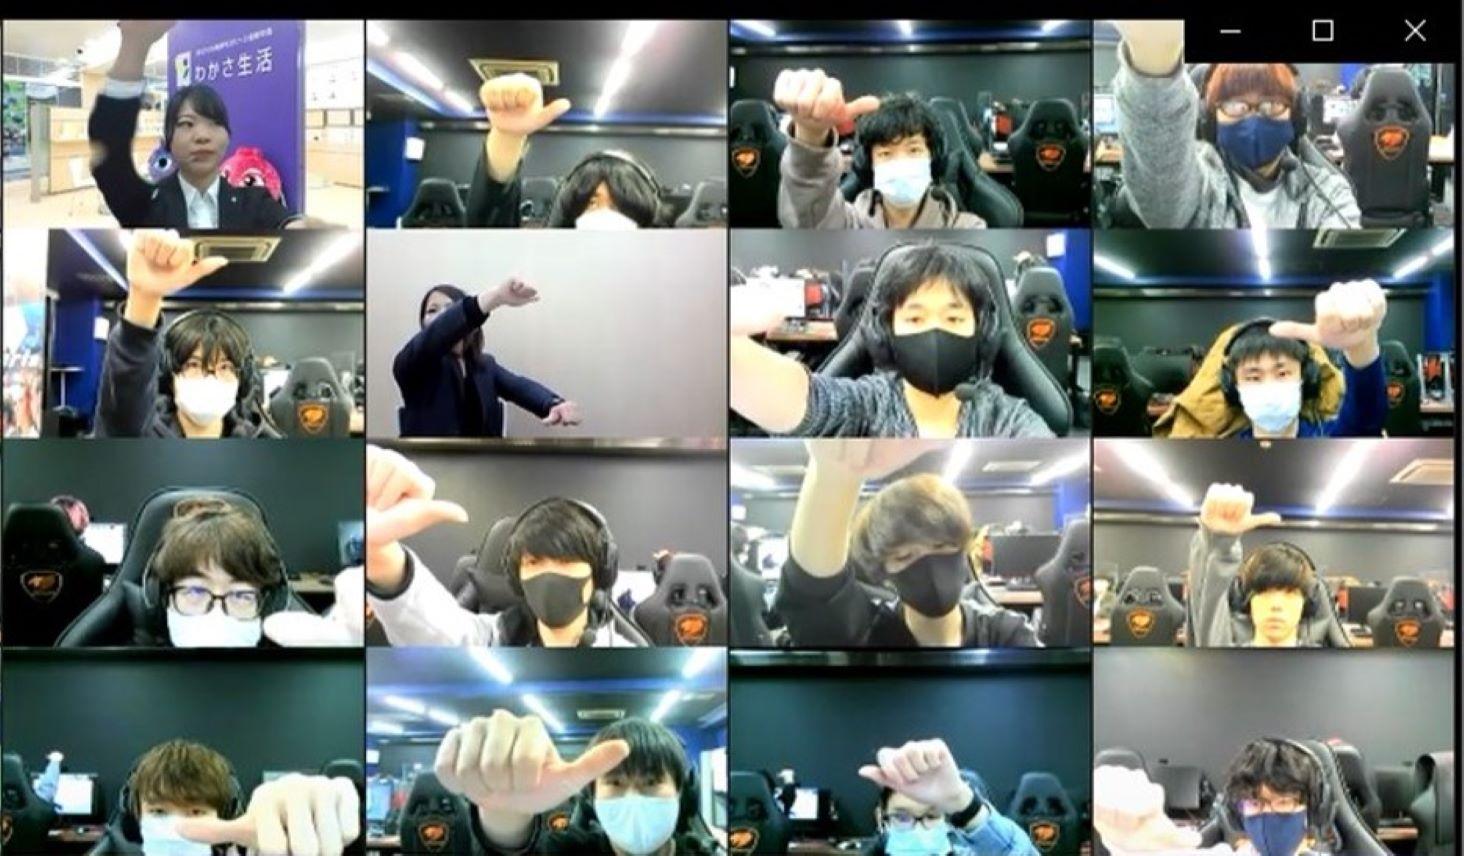 eスポーツと目の健康に関するわかさ生活のオンライン講義に参加し、ビジョントレーニングを行う名古屋デザイン&テクノロジー専門学校の学生たち